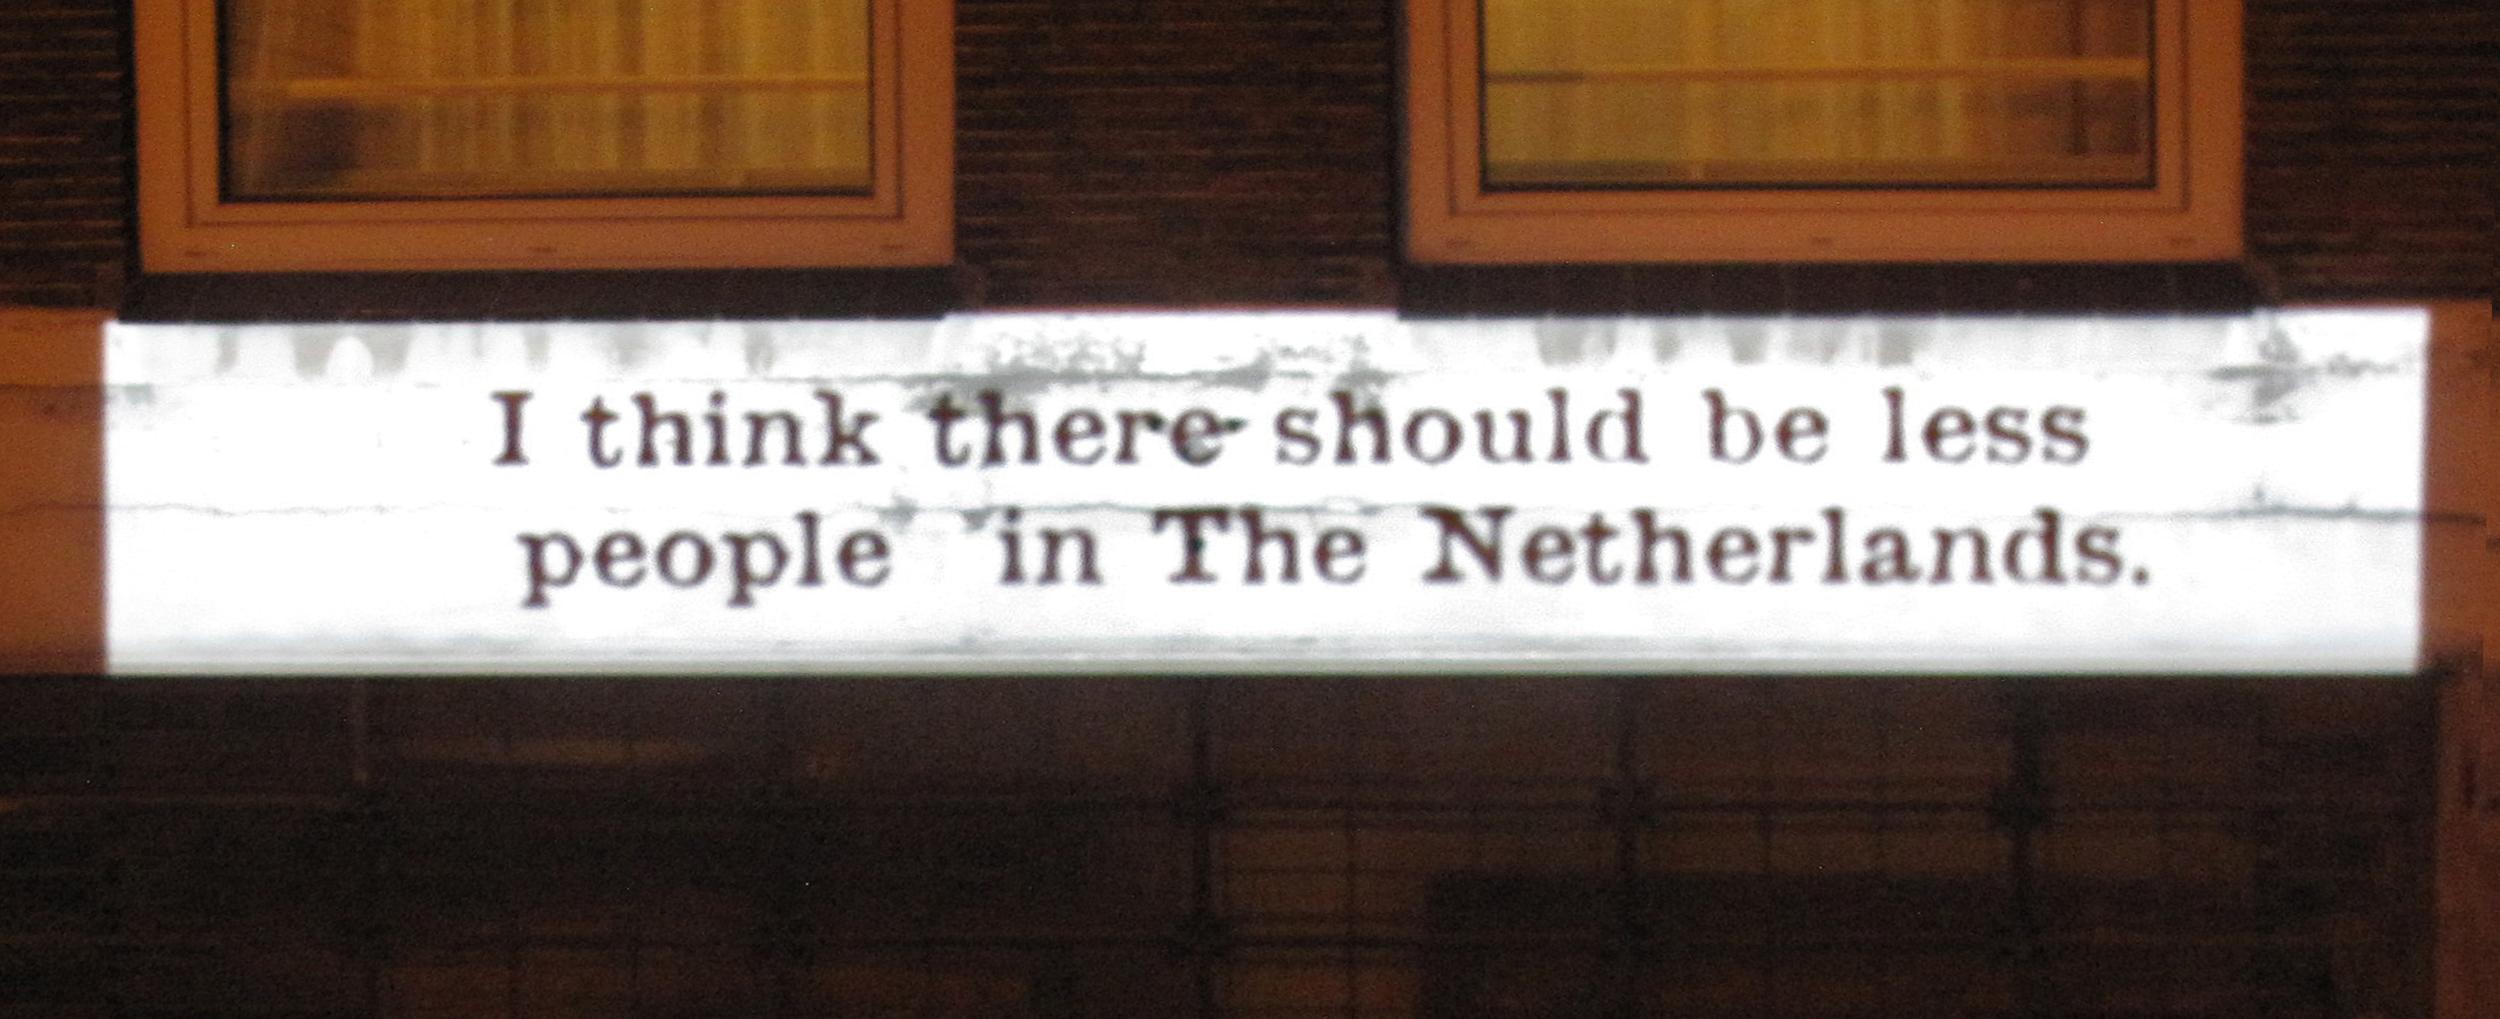 05/05/2014, Lange veerstraat, Haarlem